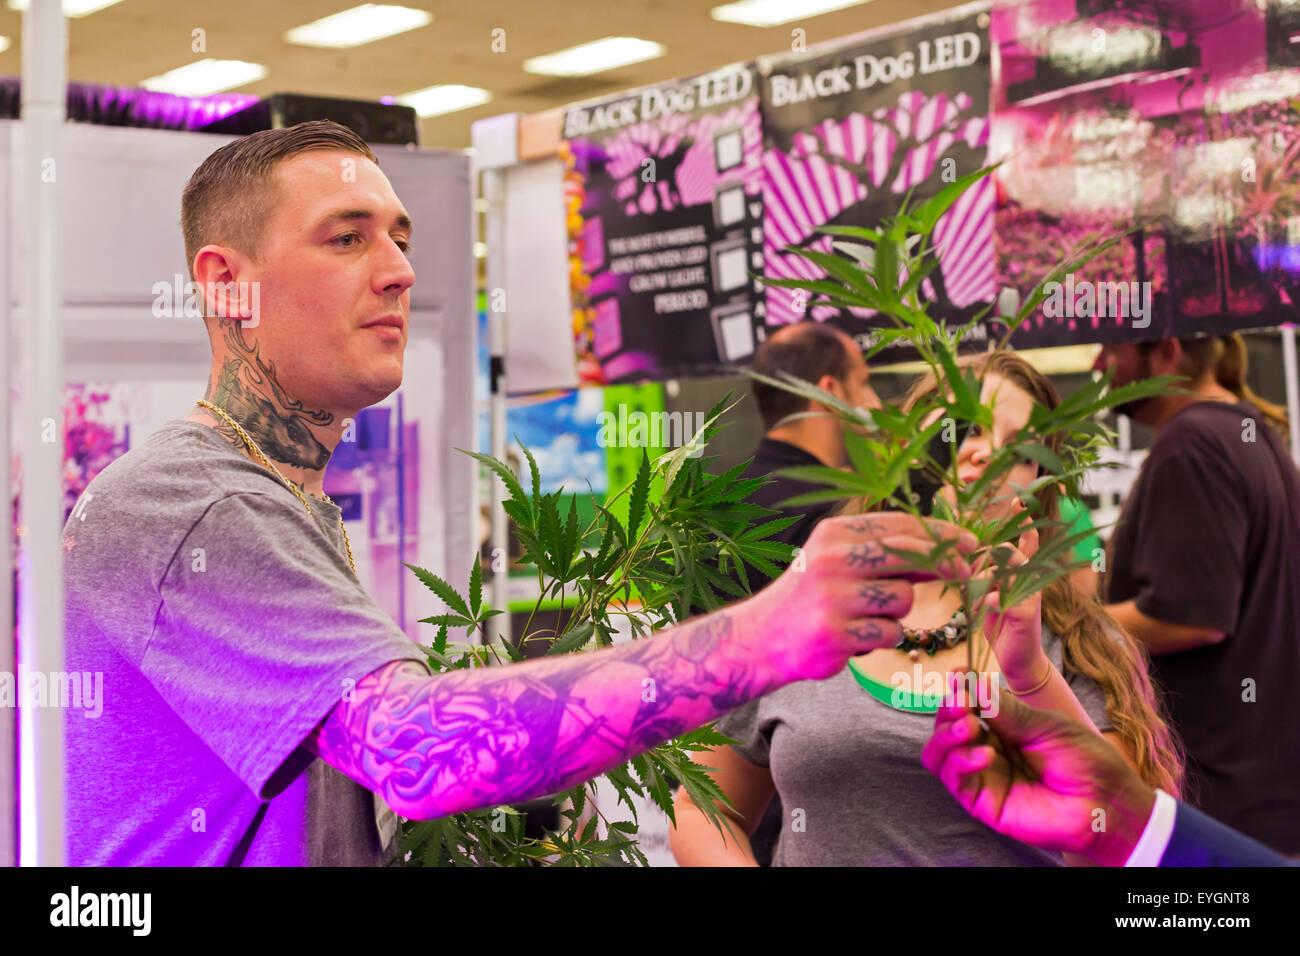 Denver, Colorado - Verkäufer von wachsen Lichter auf INDO-Expo, einer Marihuana-Messe. Stockfoto